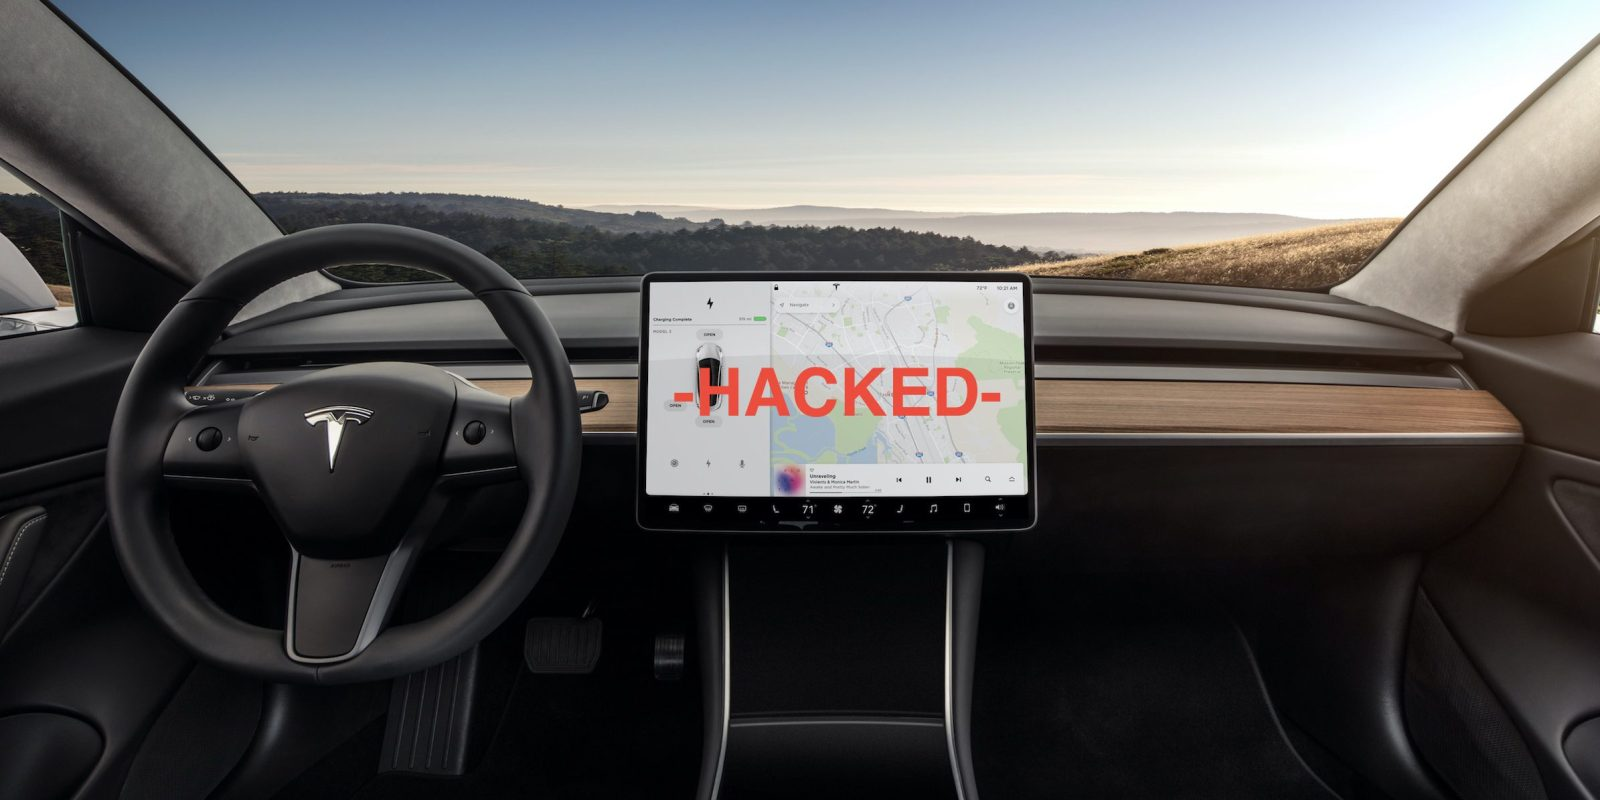 Hakerzy u¿yli pada do gier, by przej±æ kontrolê nad samochodem Tesla